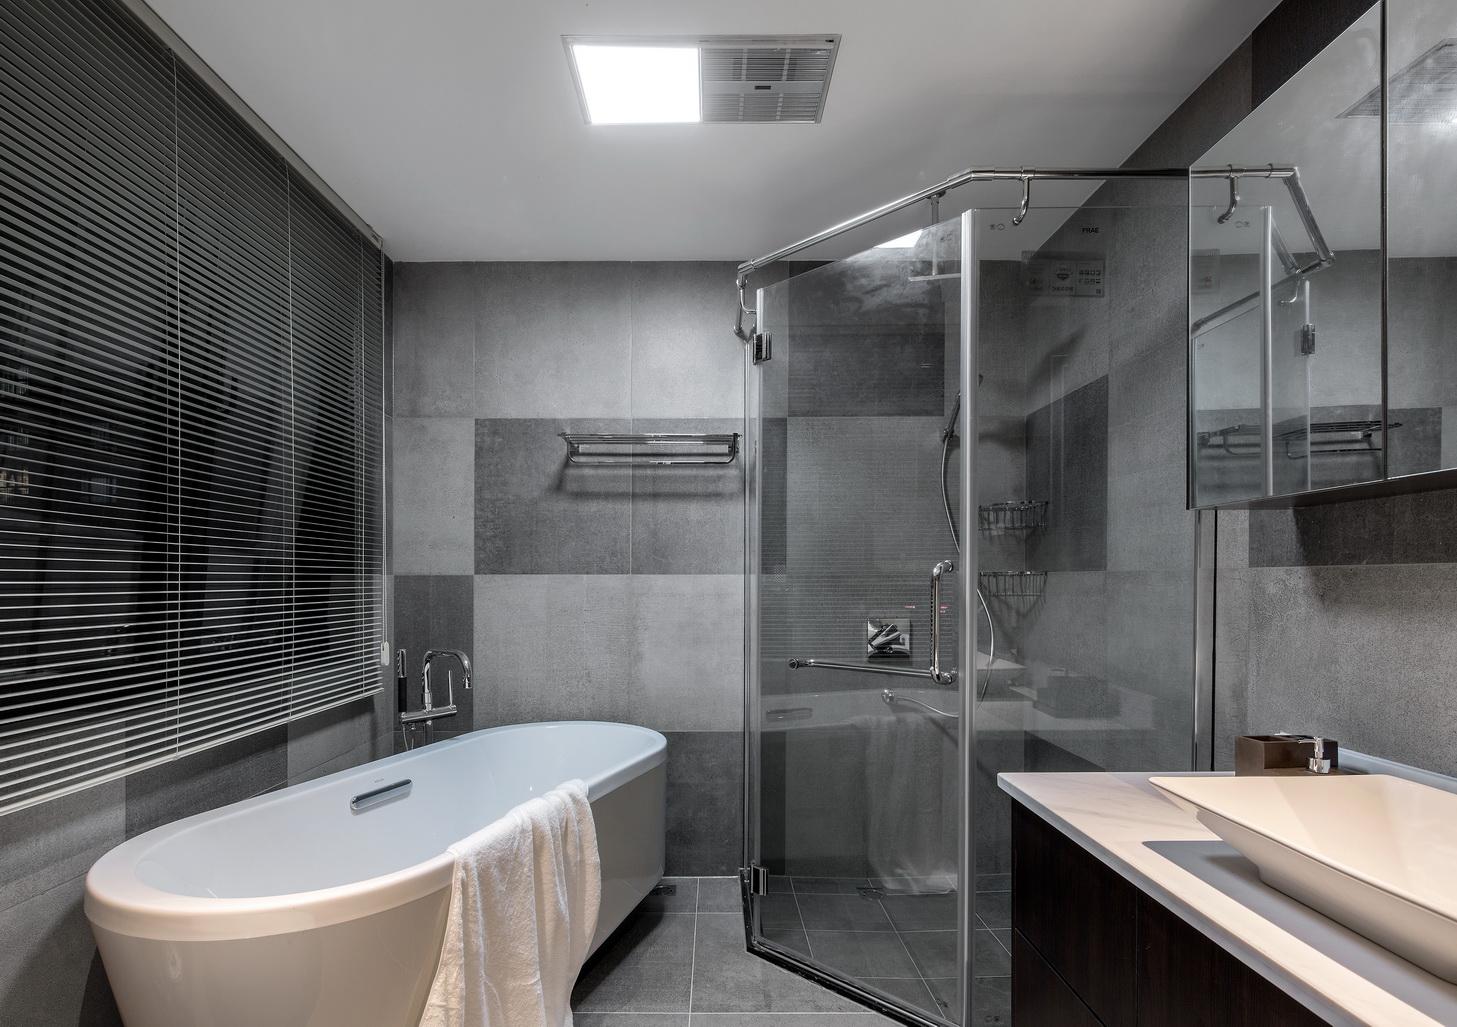 卫生间干湿区分开,半实体墙+半铁艺格栅虚实结合,形成鲜明的对比;